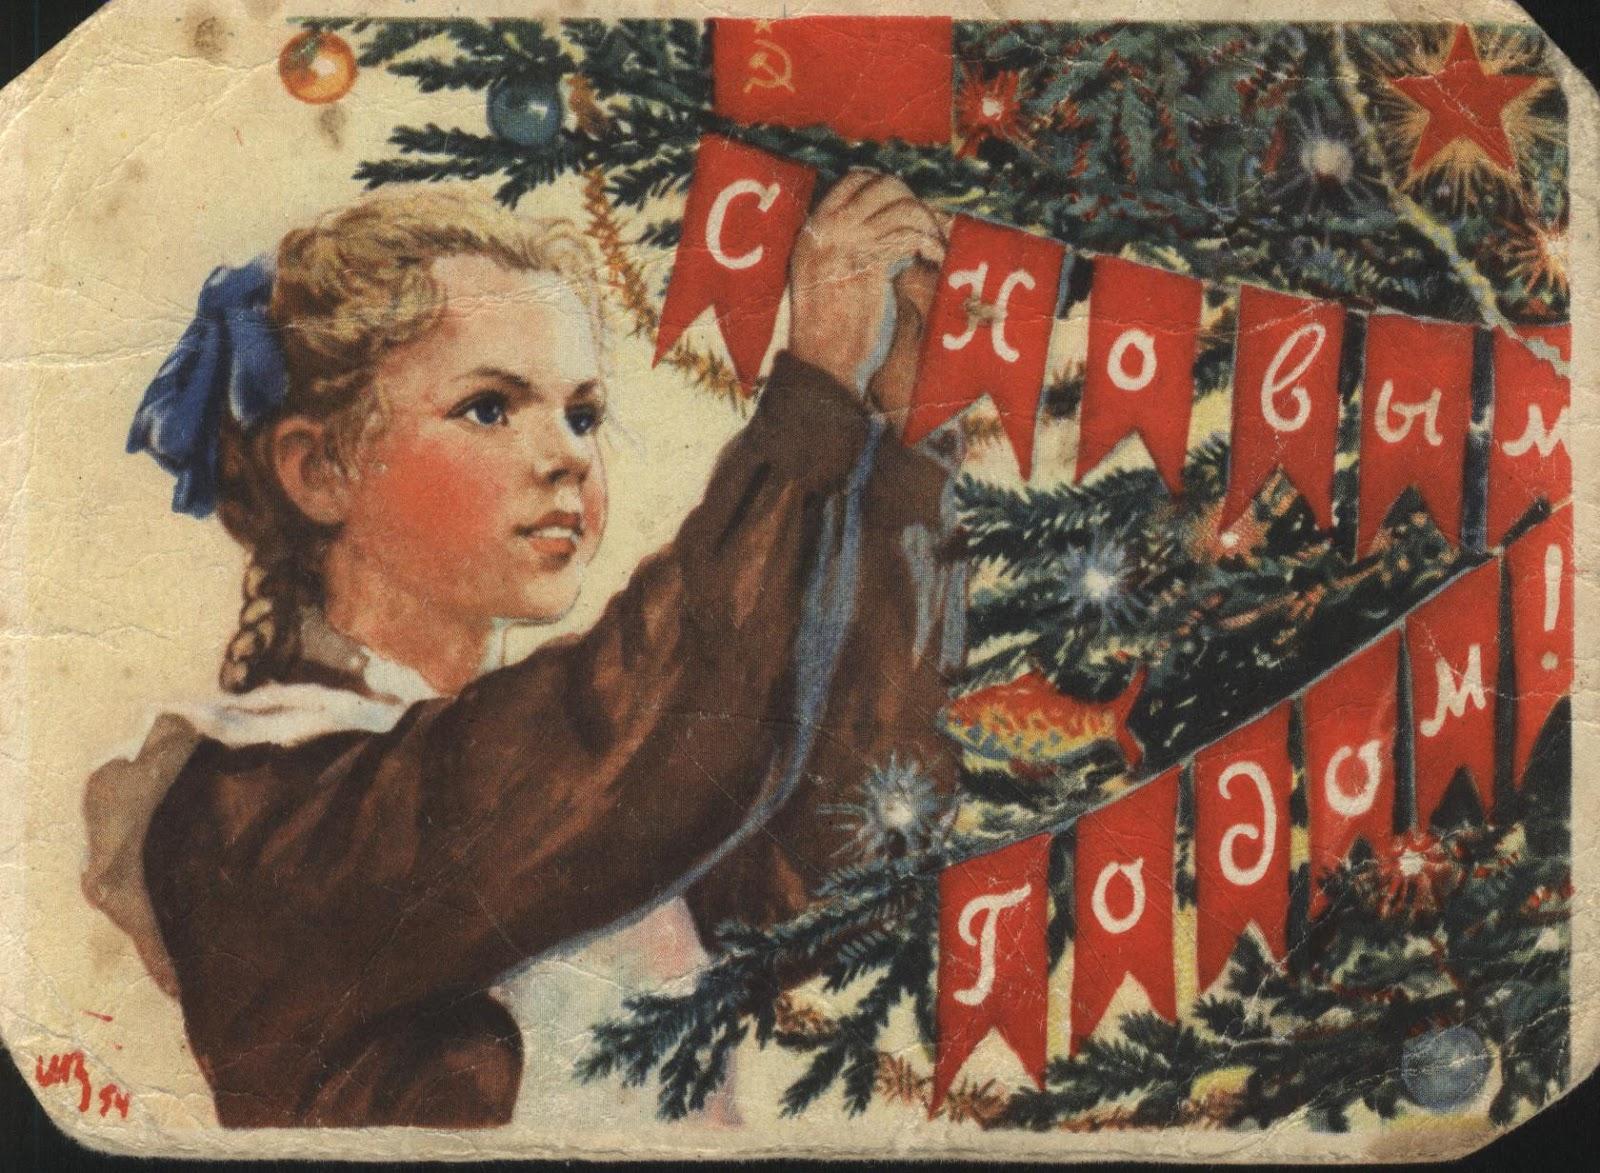 Открытки советского периода цена 20